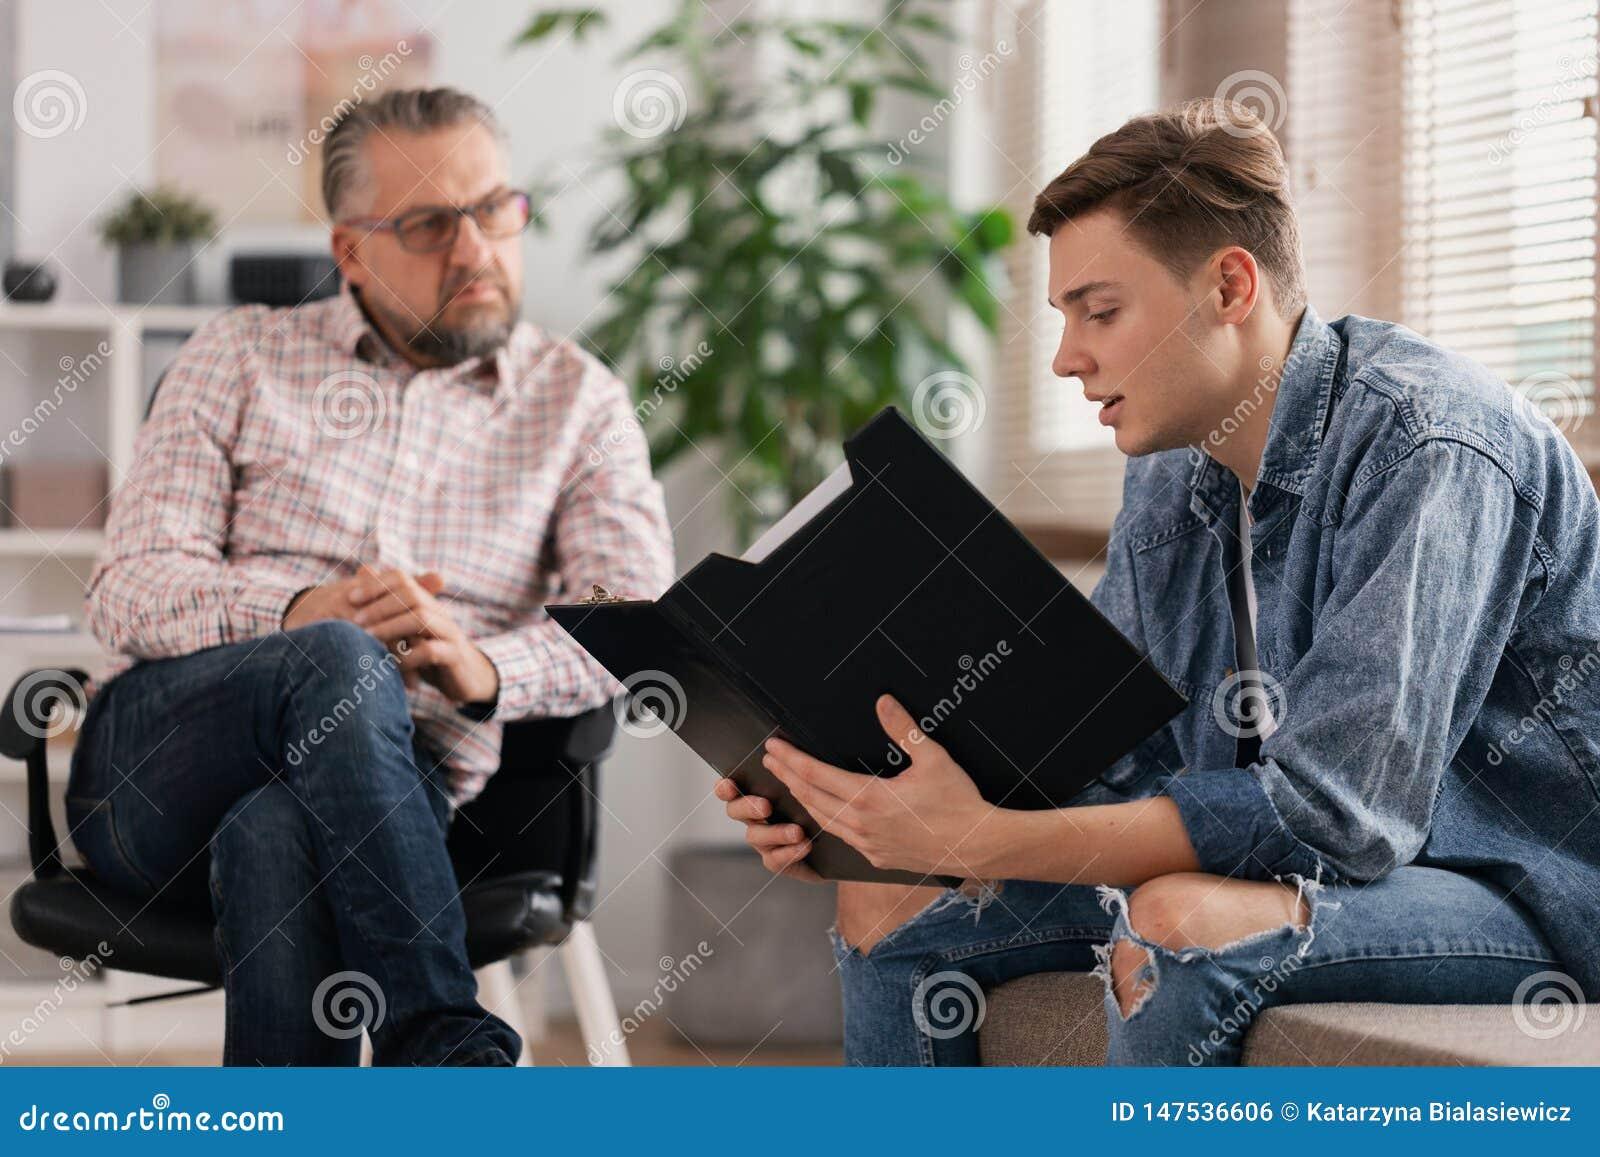 年轻人和资深治疗师在专业顾问会议期间